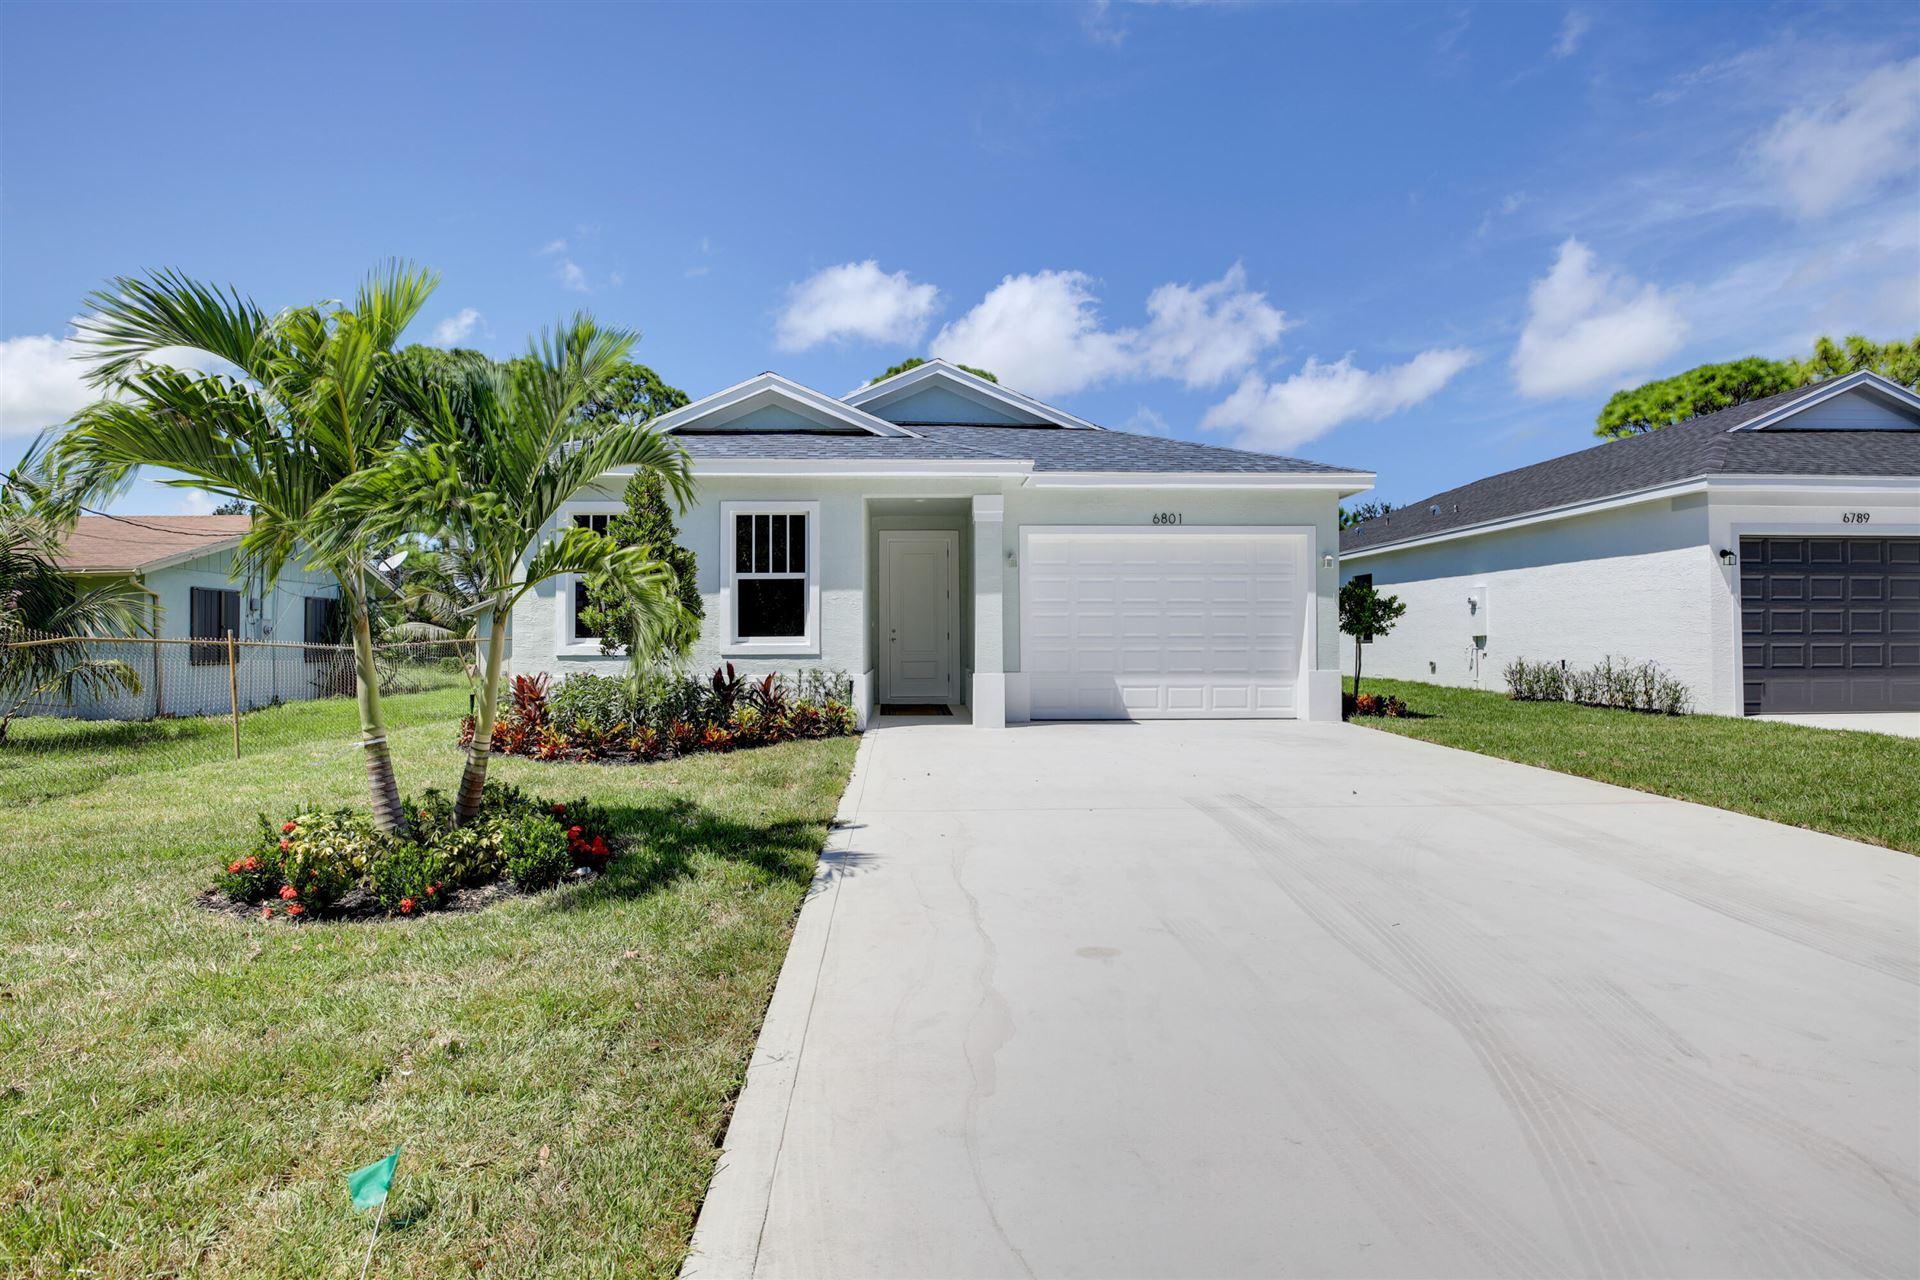 6801 Australian Street, Limestone Creek, FL 33458 - MLS#: RX-10740515